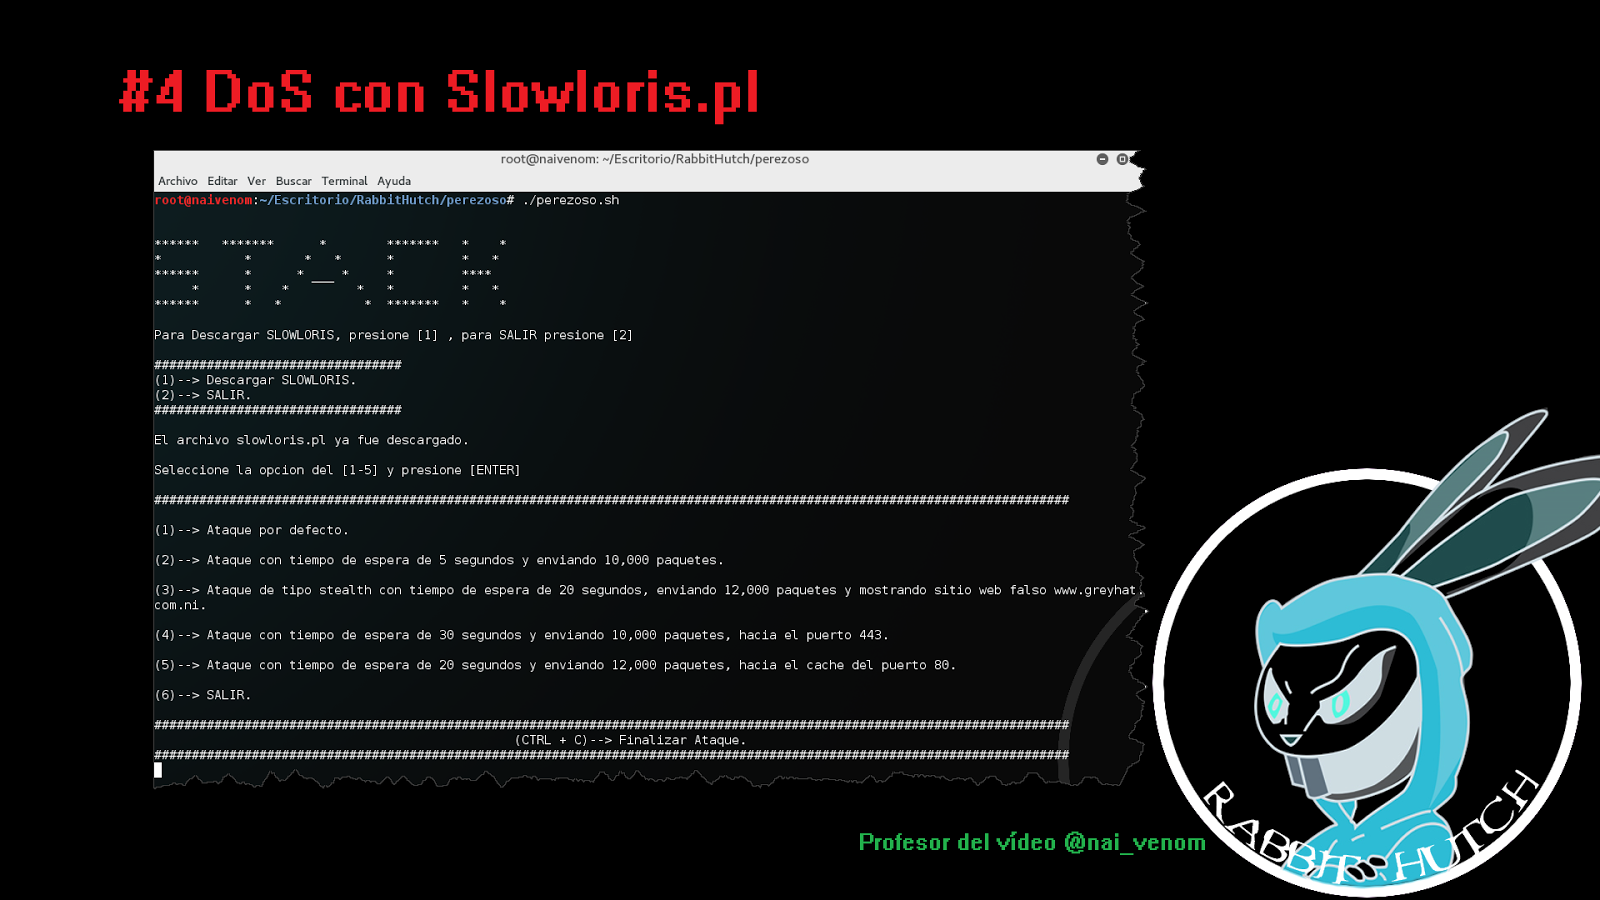 DoS con Slowloris pl – Follow The White Rabbit